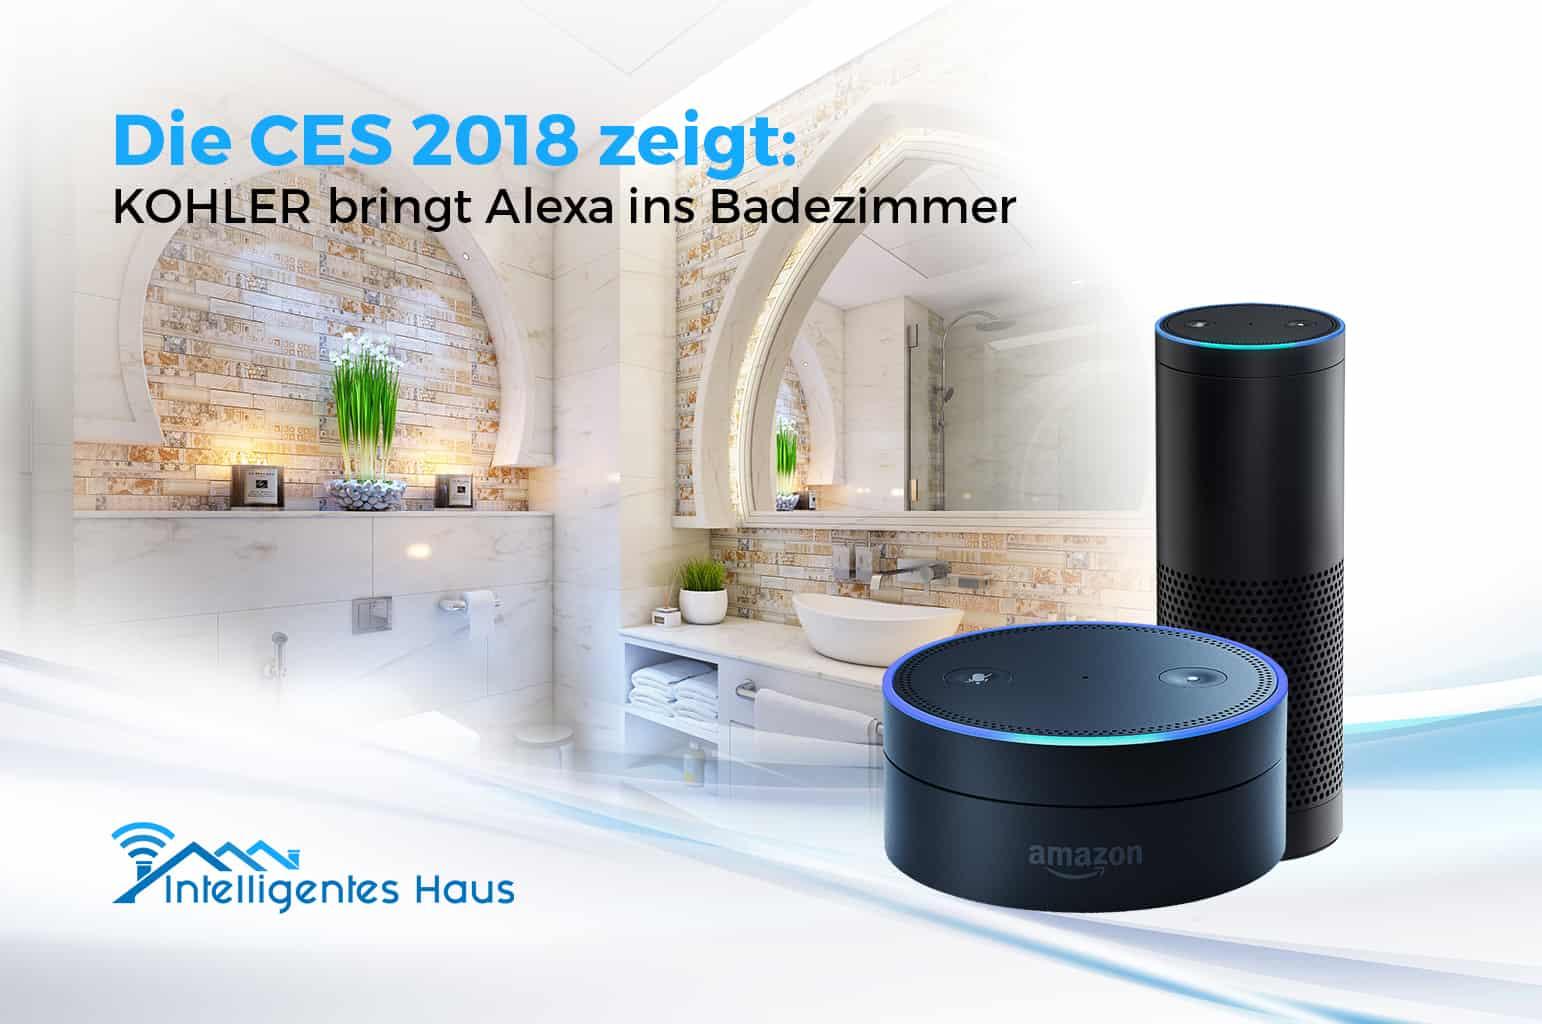 CES 12 - Mit KOHLER Konnect Alexa im Badezimmer bedienen